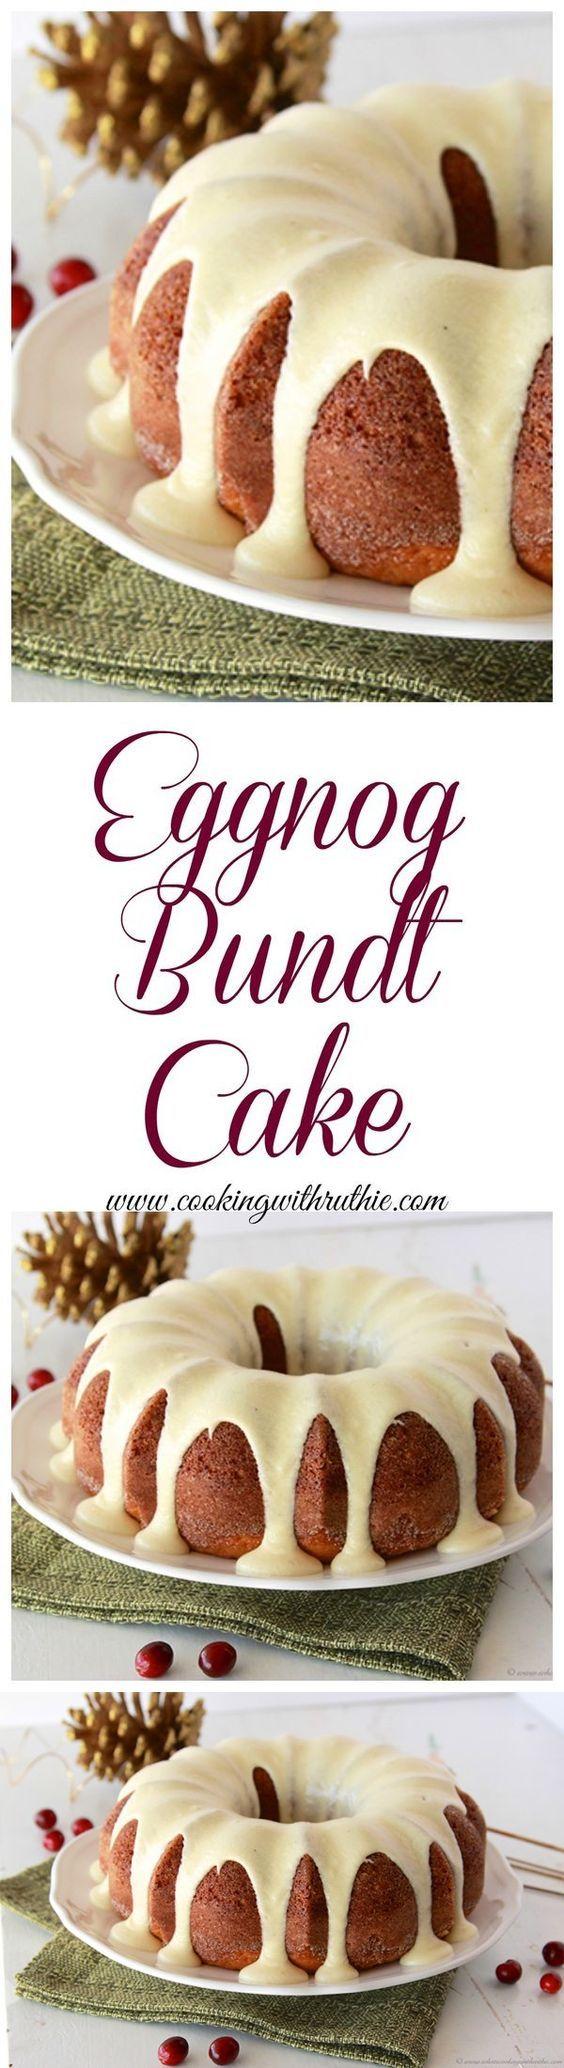 Egg Nog Bundt Cake with Egg Nog Frosting